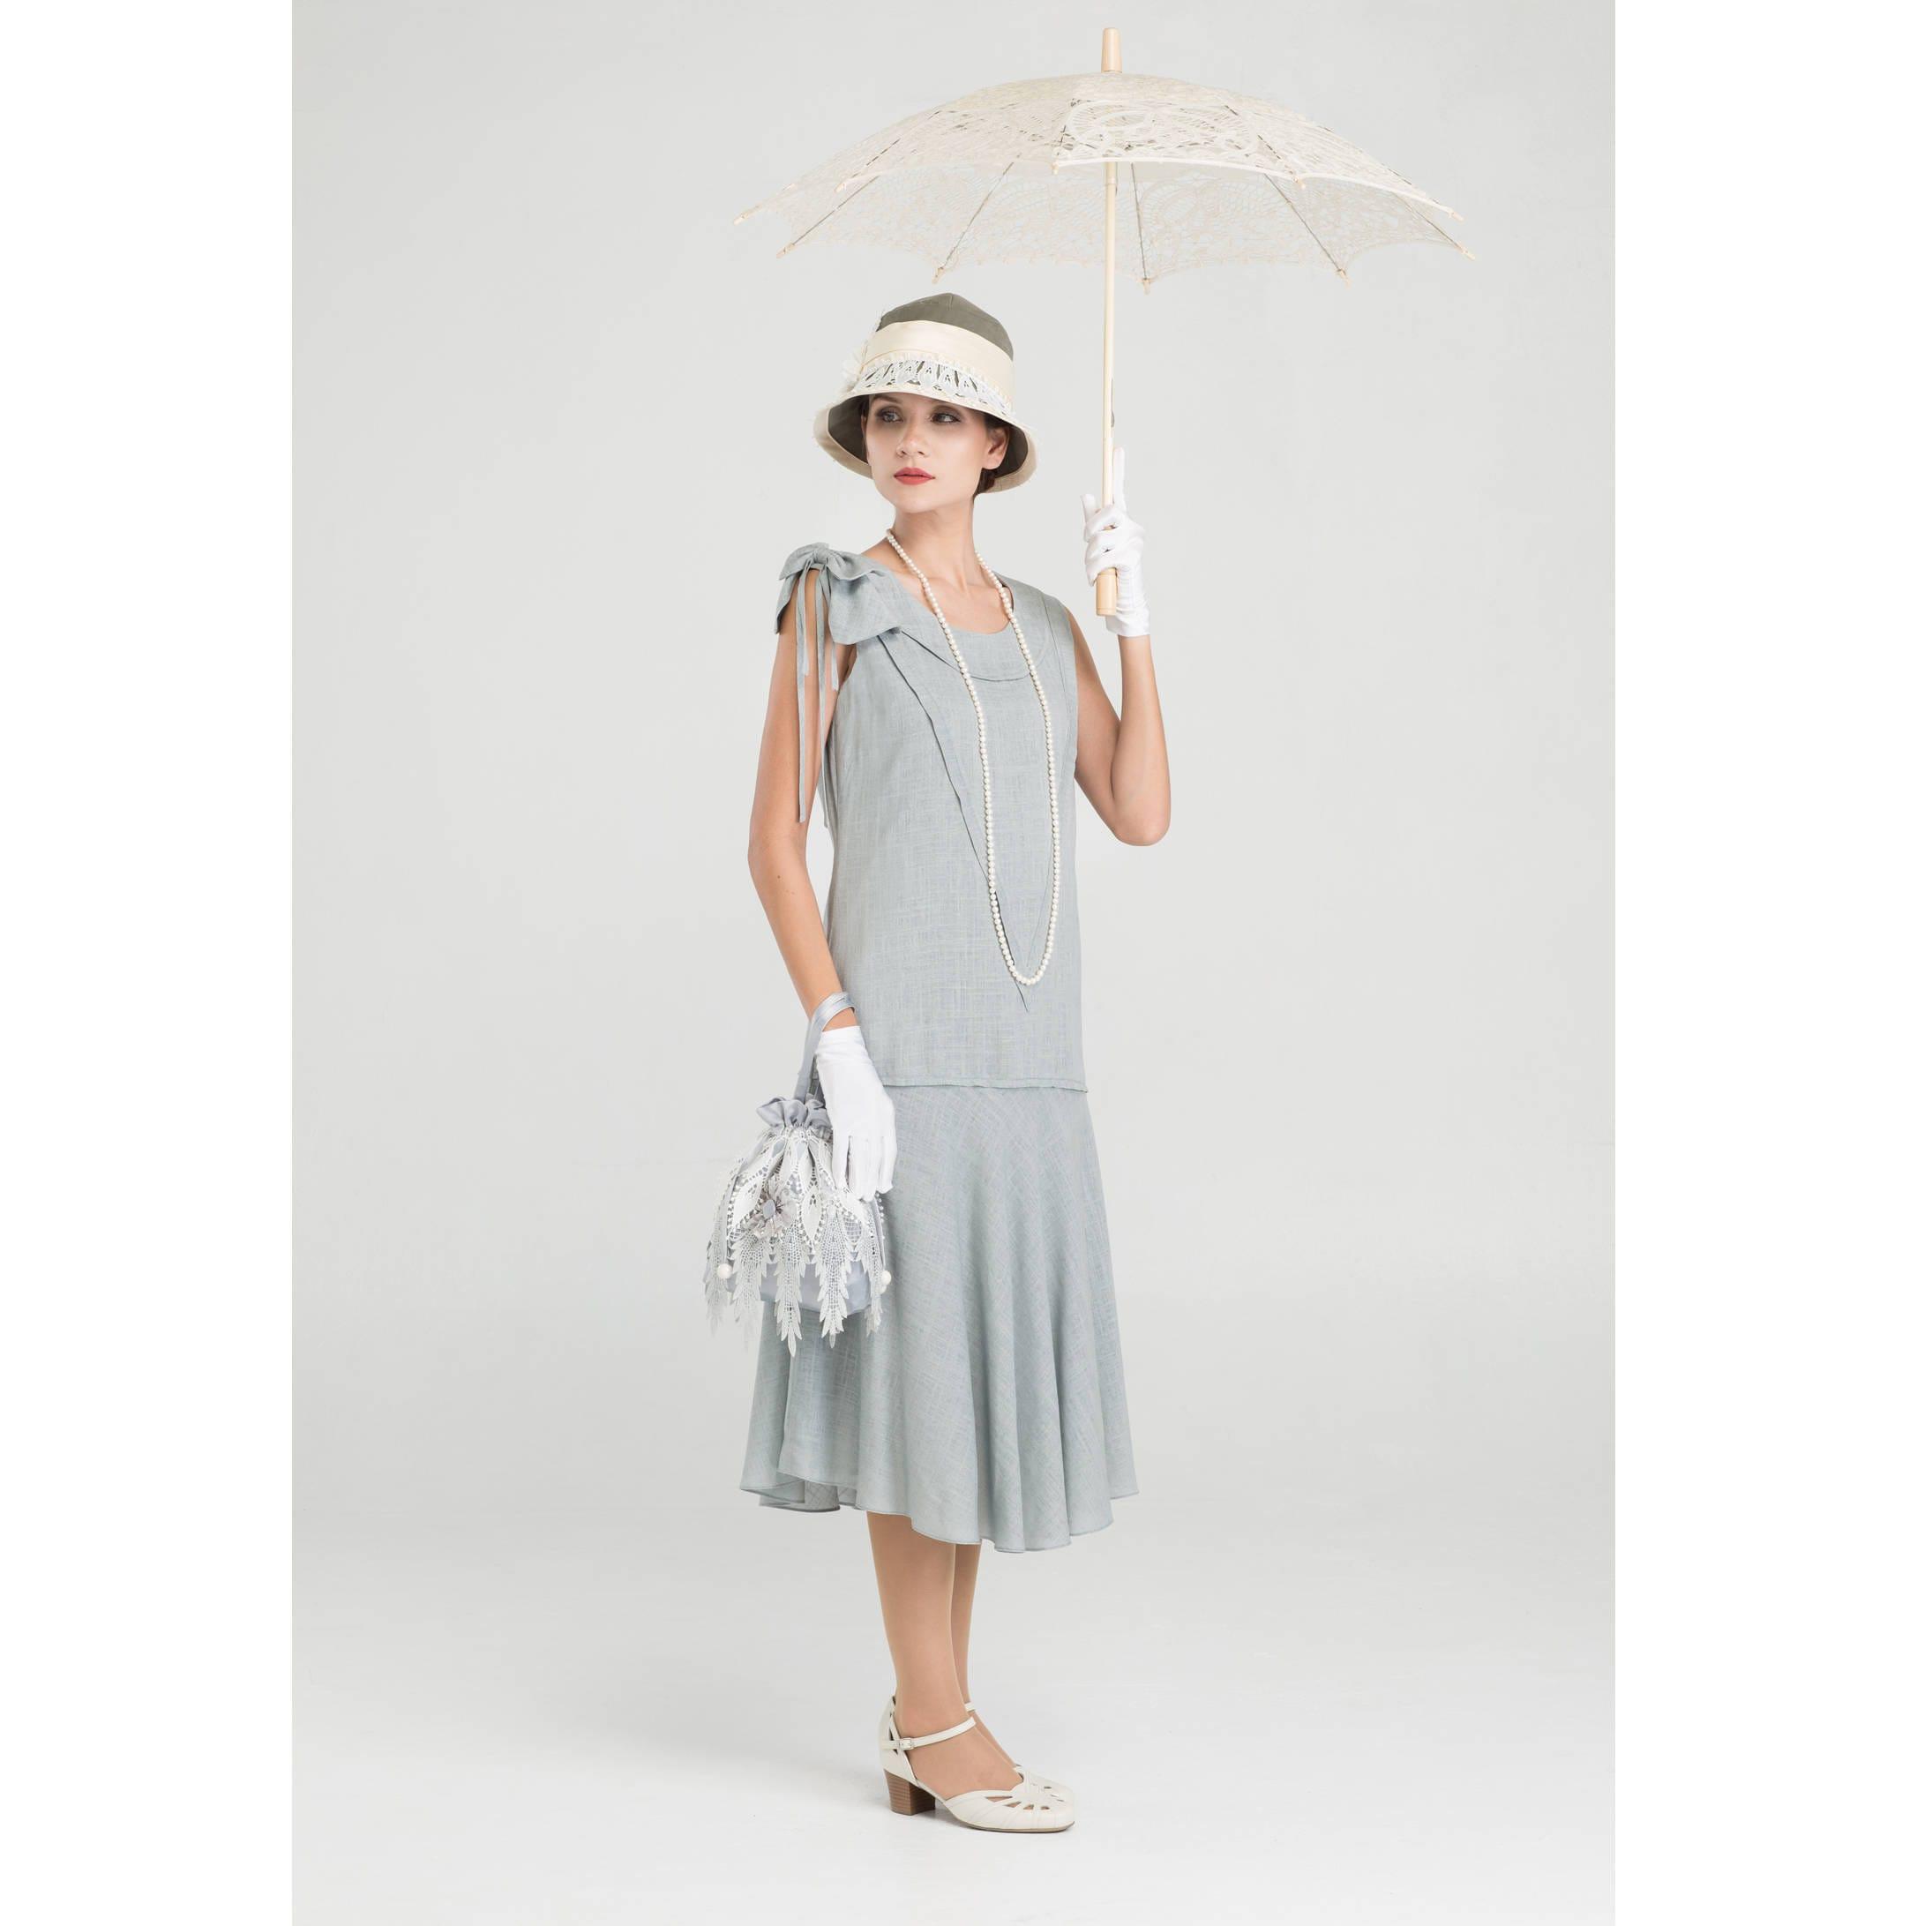 Leinen Great Gatsby-Party-Kleid in grau 1920er Jahre Flapper